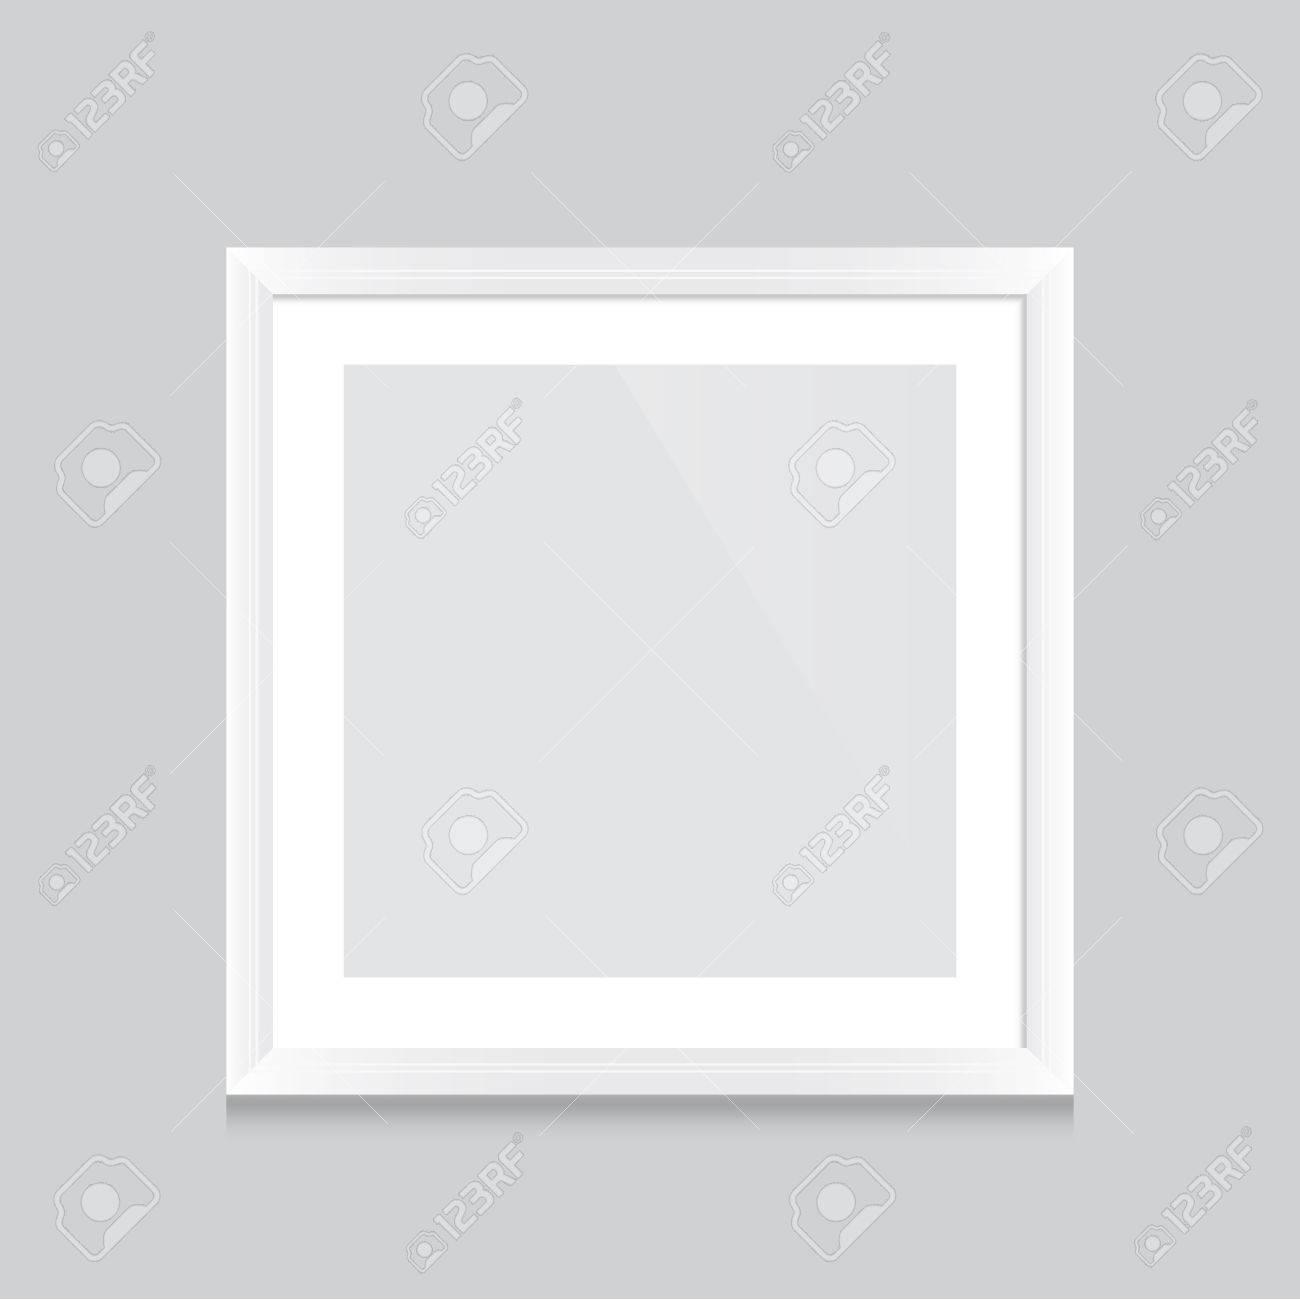 Poster-Vorlage Mit Weißem Rahmen Vektor-Design Einfach, Mit Ihrem ...